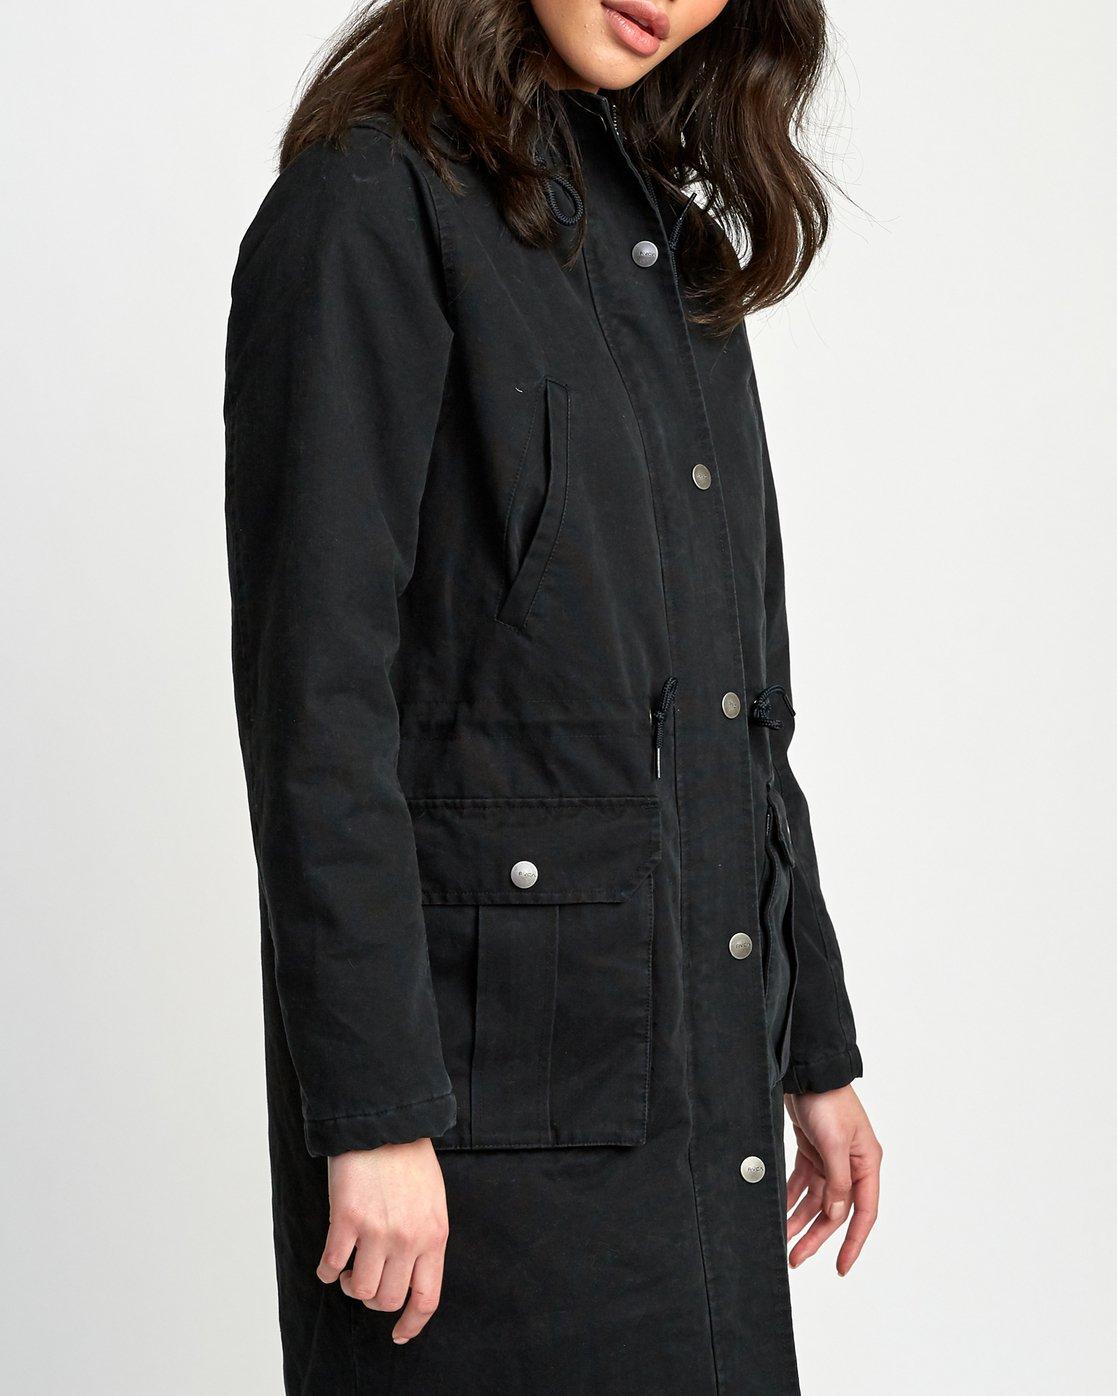 Parka Managed Für Mantel Frauen Managed Parka Managed Mantel Frauen Für ikZOuPX